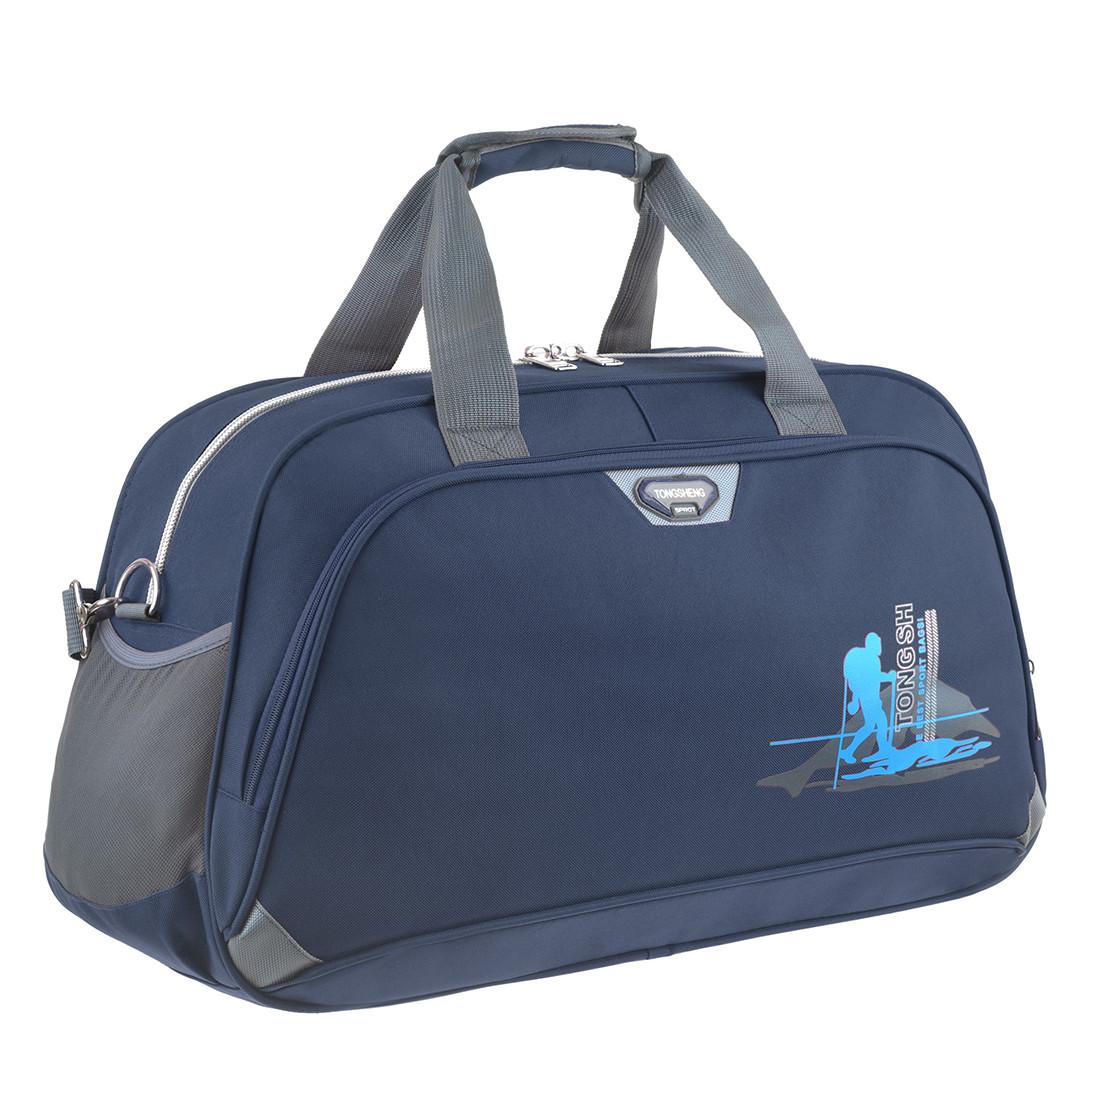 Дорожная сумка TONGSHENG  средняя 58x36x22 ткань полиэстер, два боковых кармана, цвет синий кс99311син